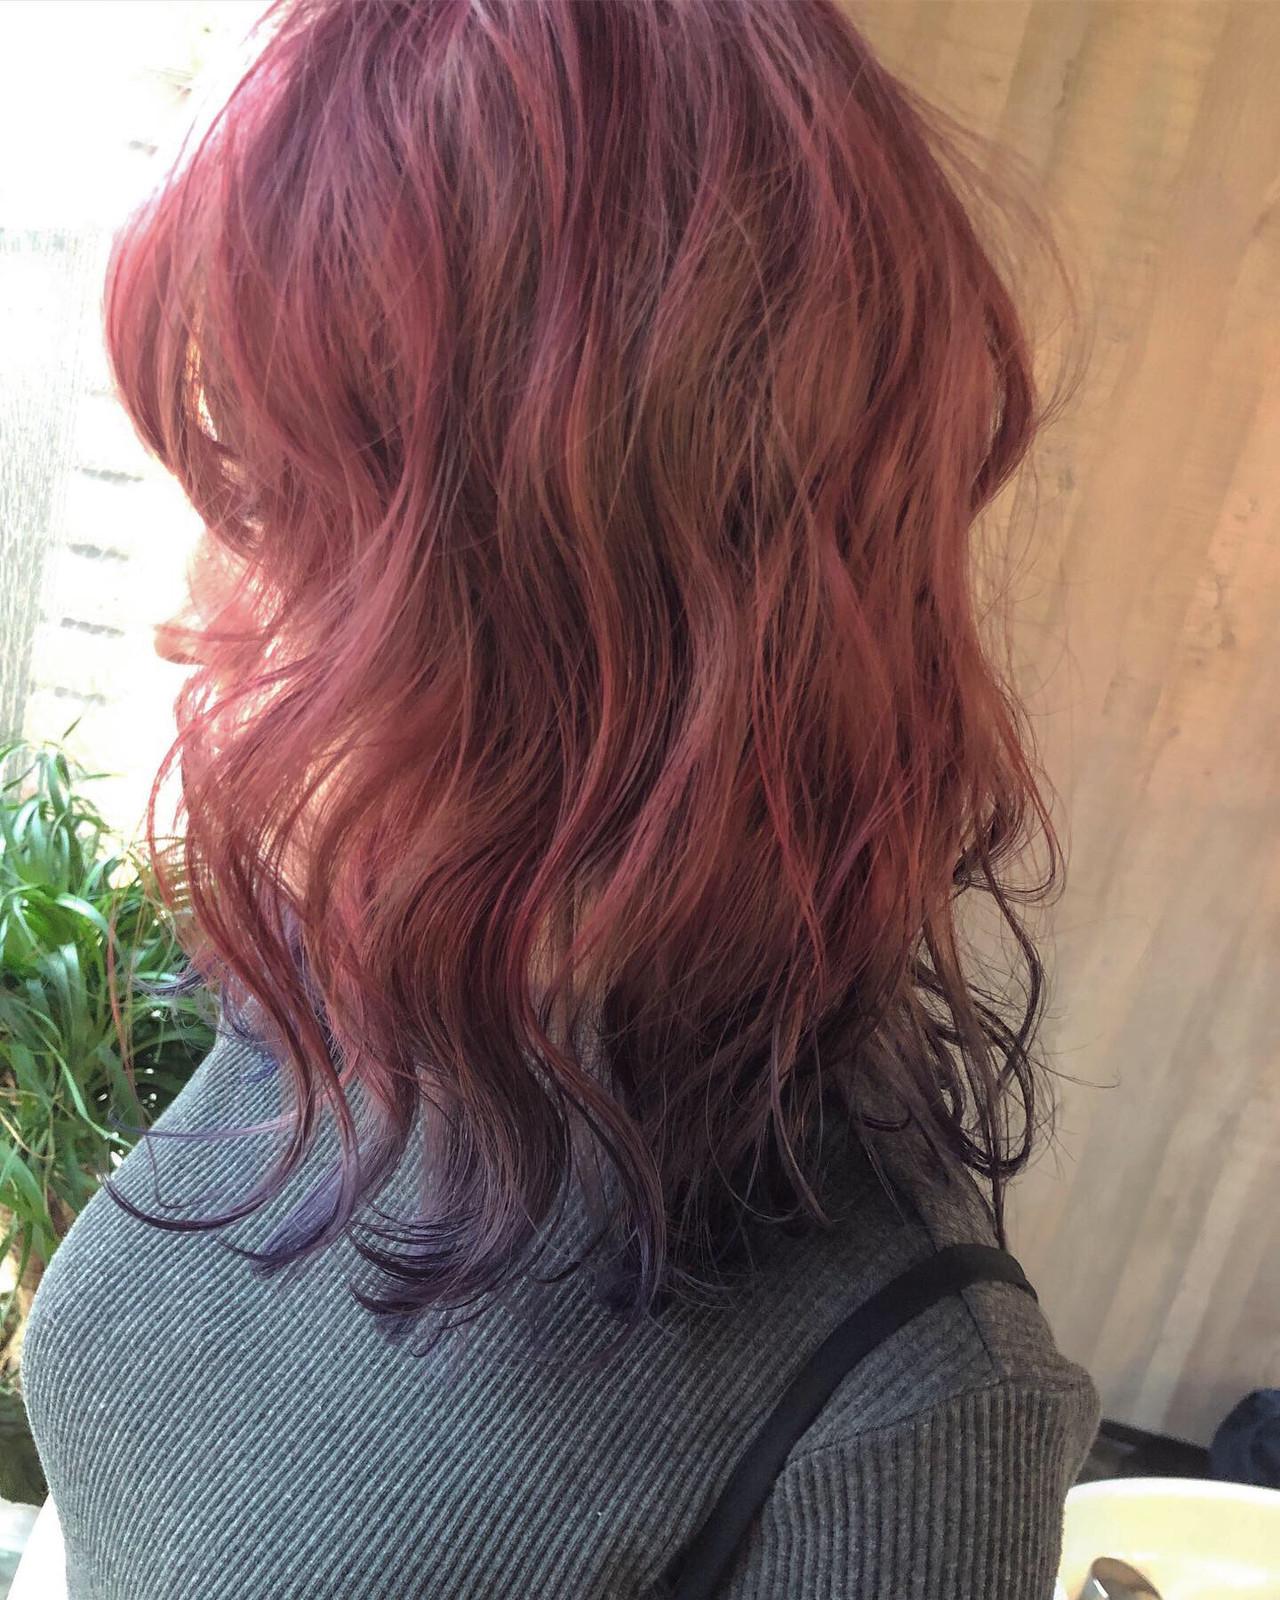 ピンクベージュ ガーリー ラベンダーピンク 裾カラー ヘアスタイルや髪型の写真・画像 | 田渕 英和/vicushair / vicushair